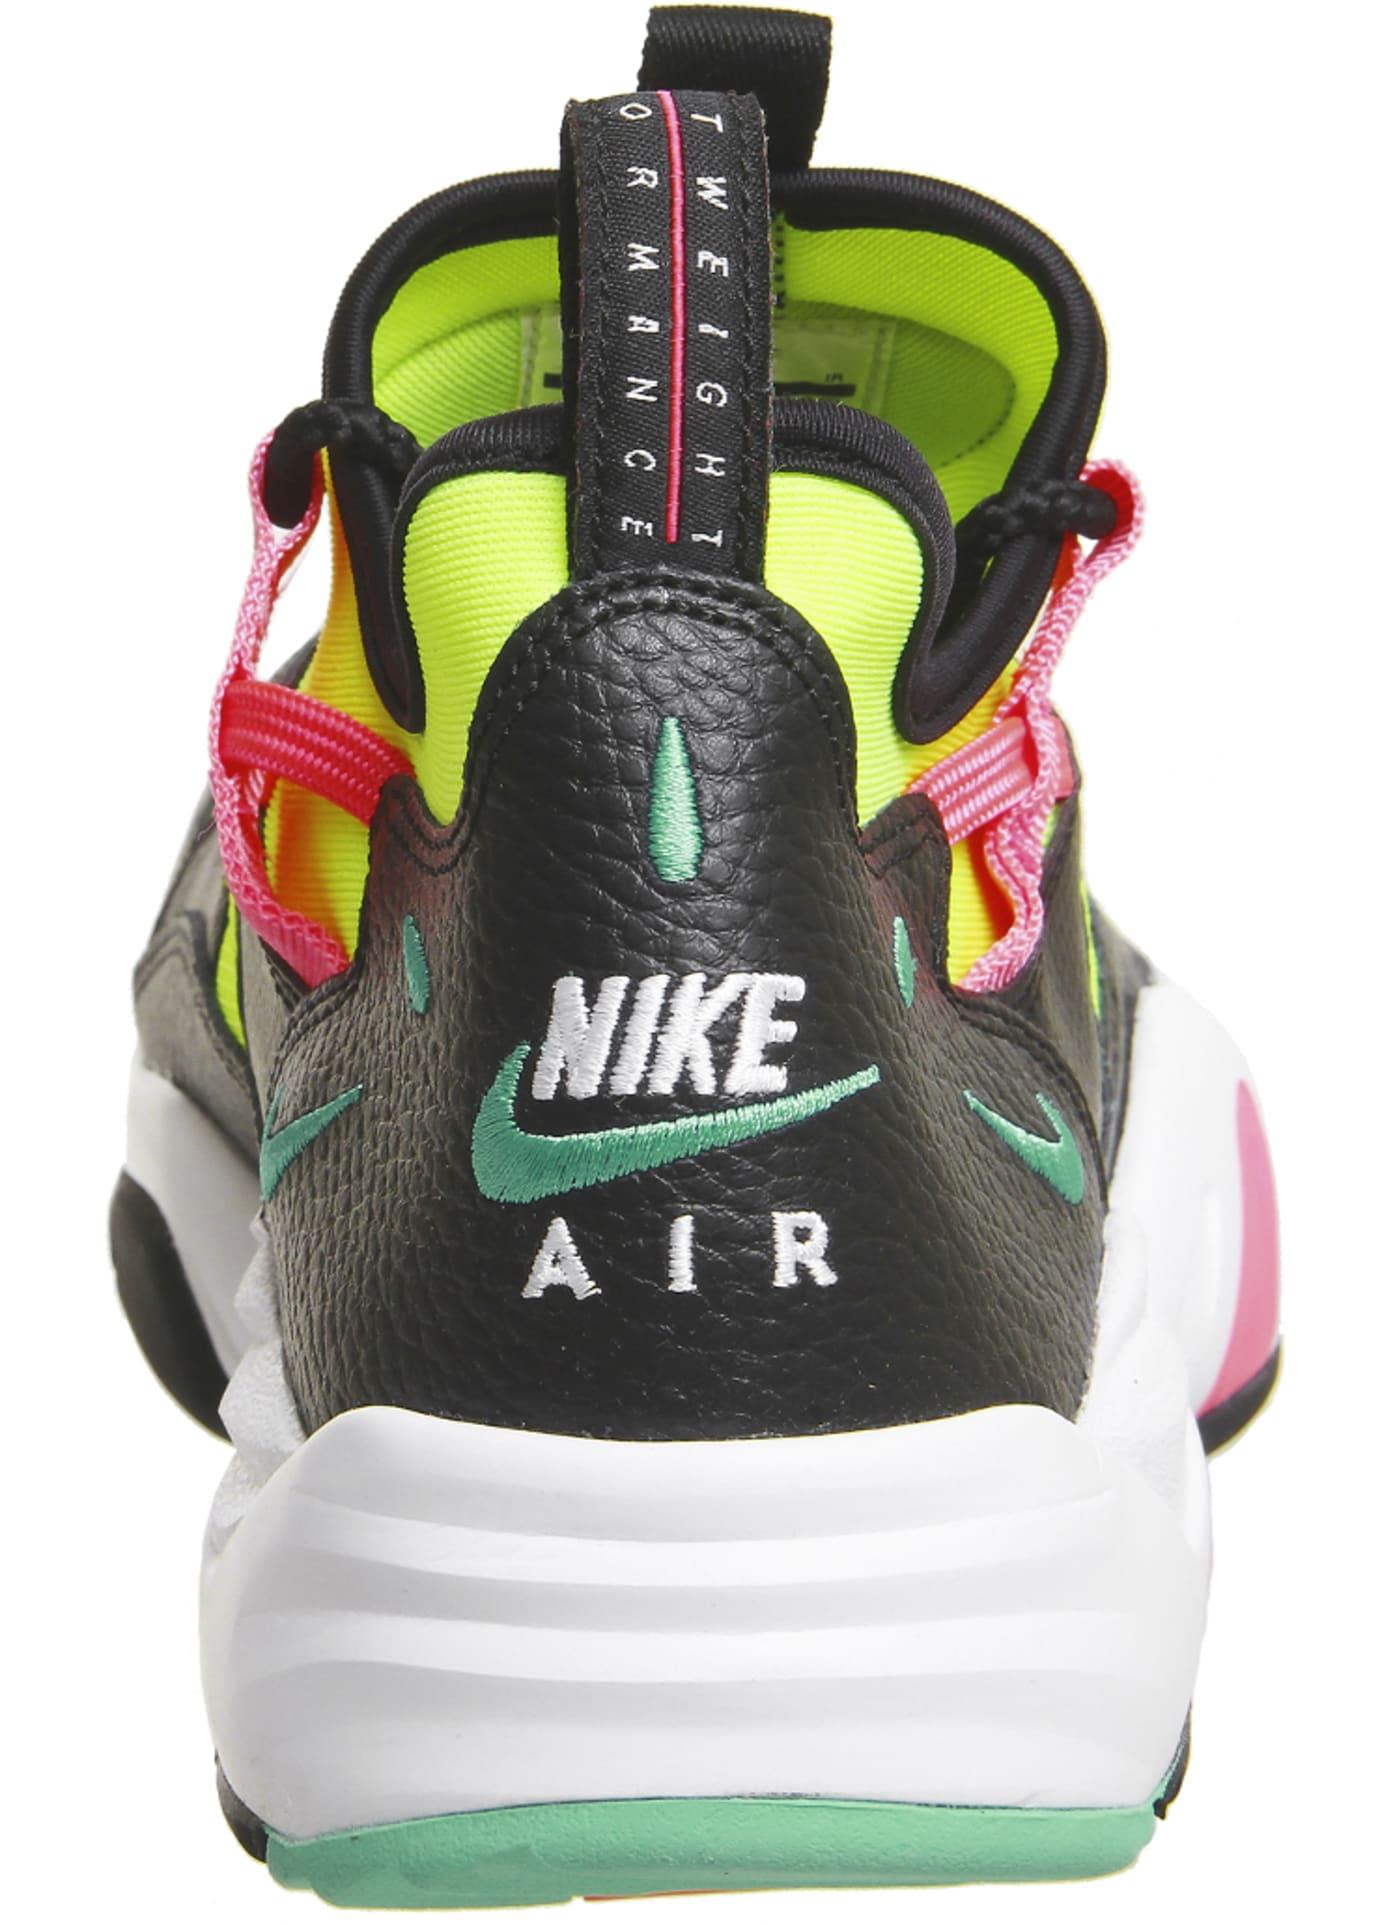 Nike Air Scream LWP 'Black/Menta/Racer Pink' (Heel)